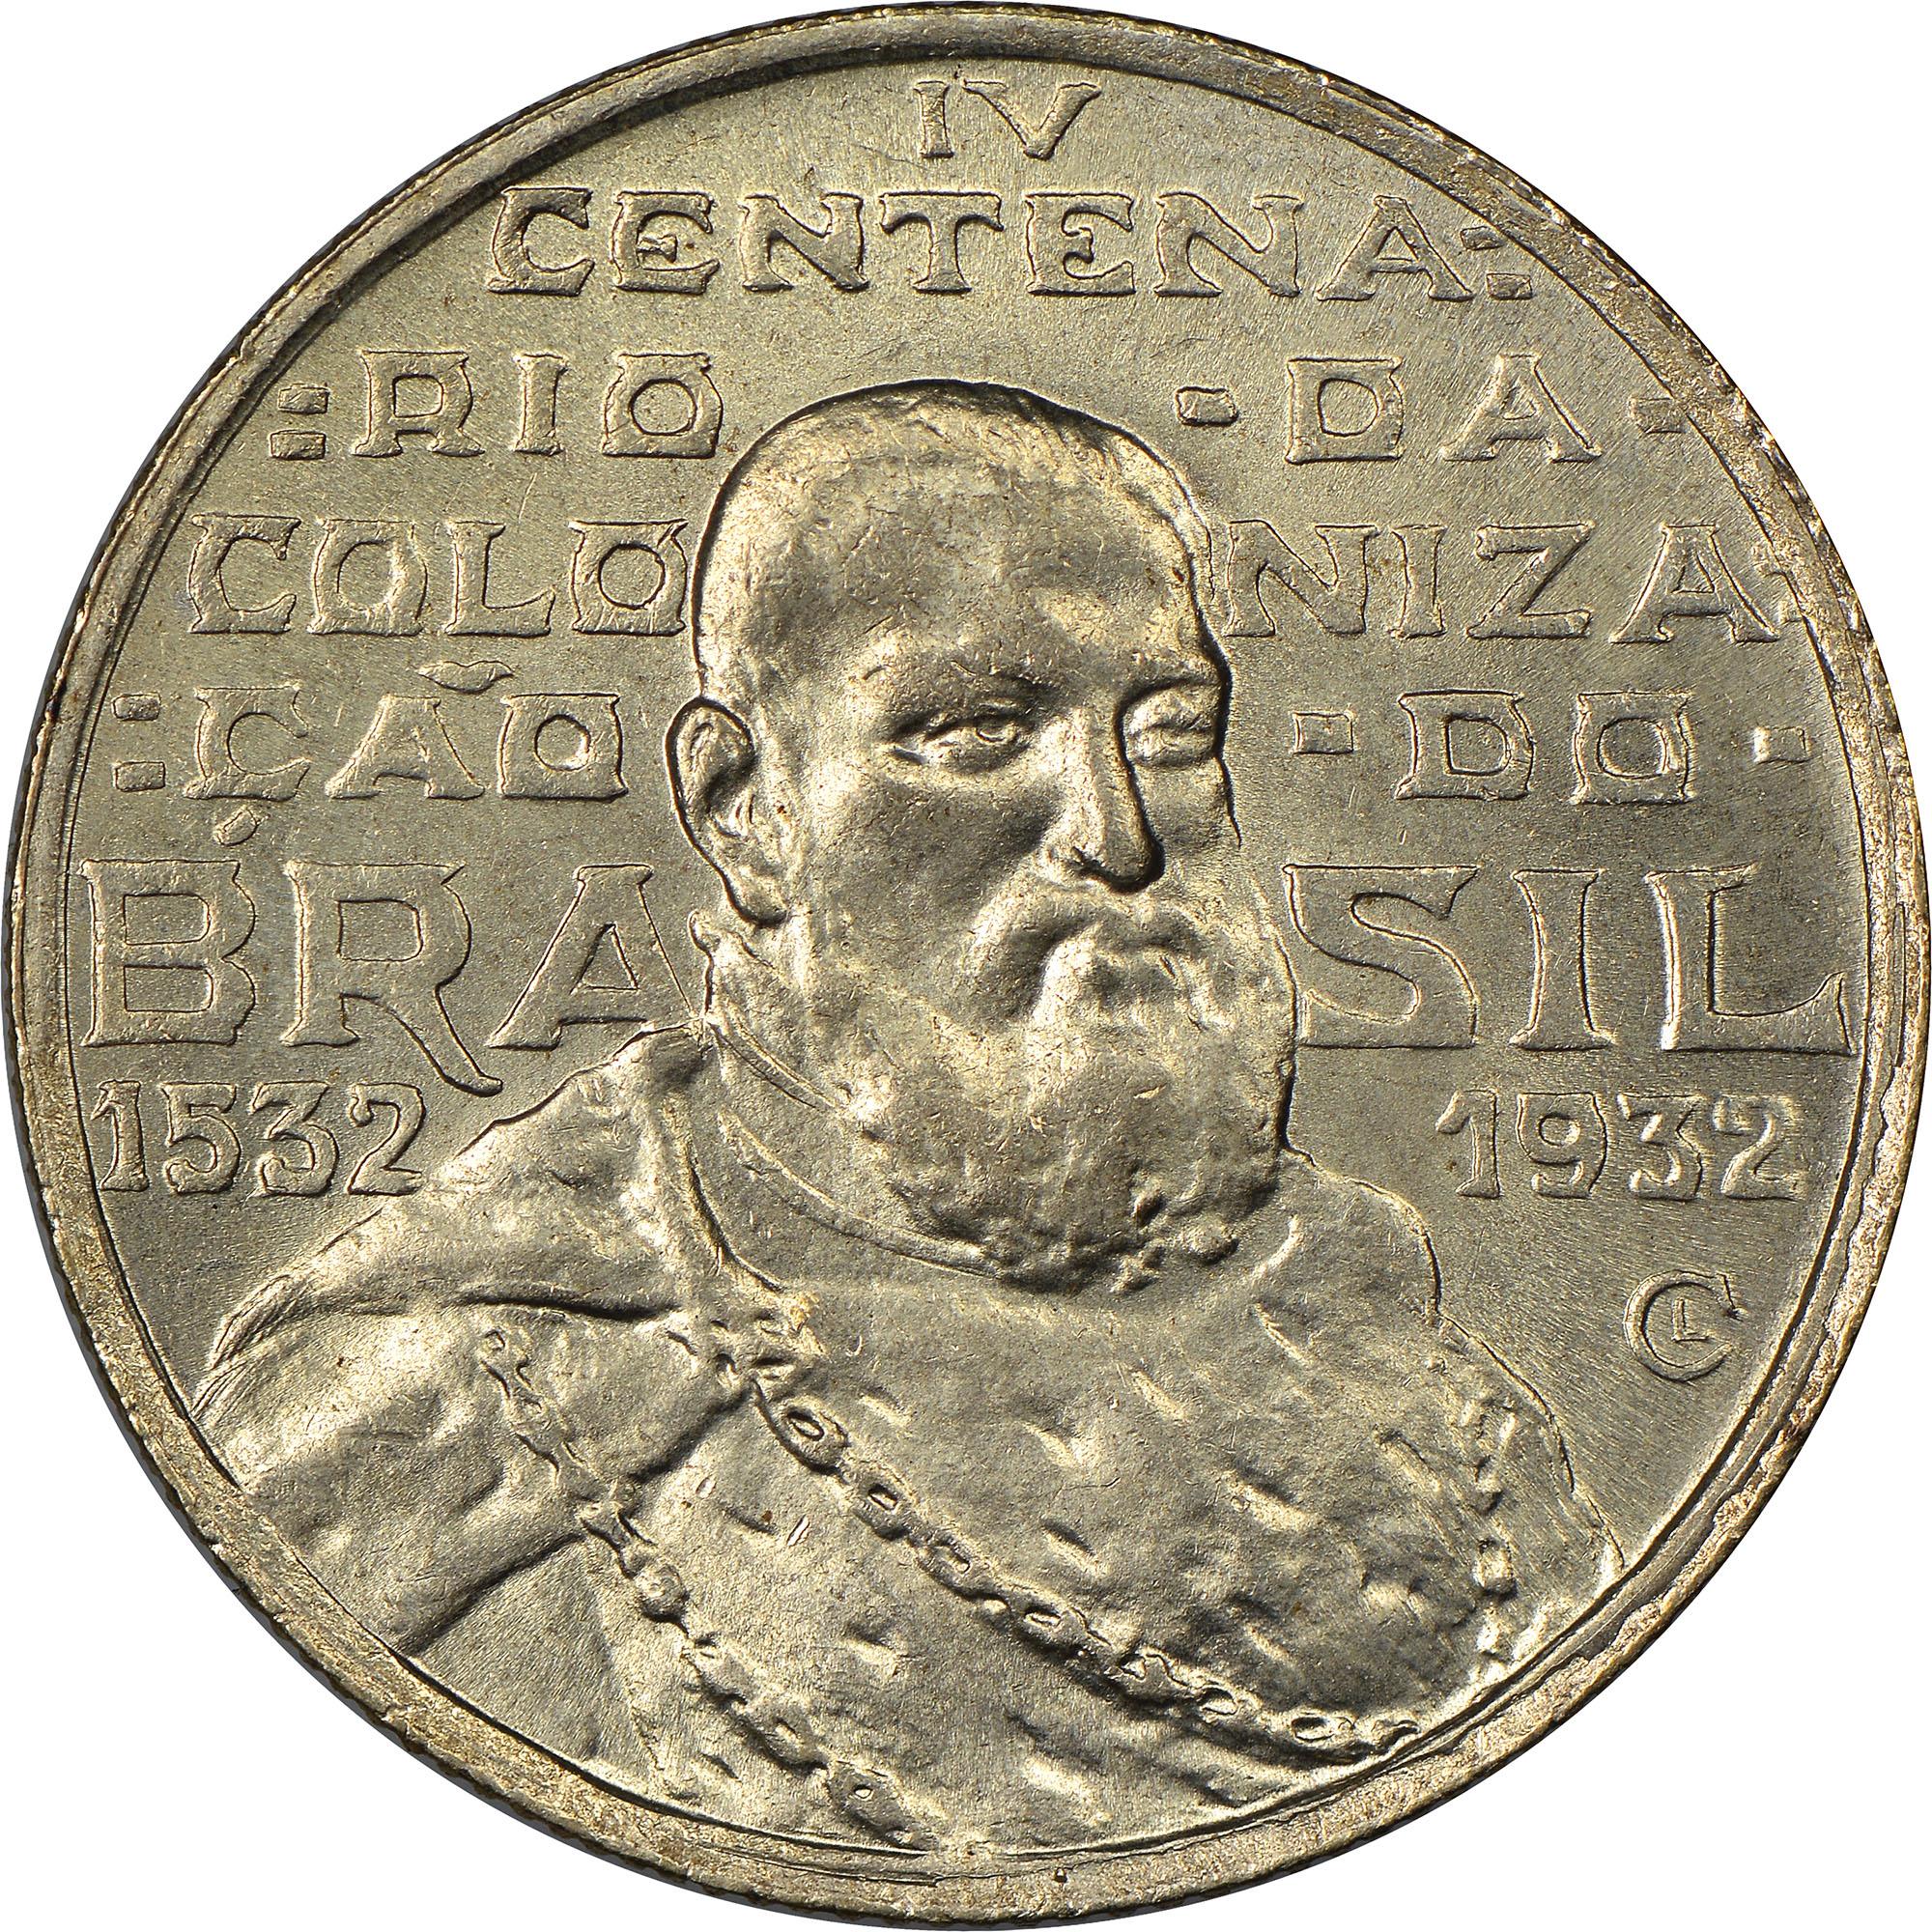 Brazil 2000 Reis obverse